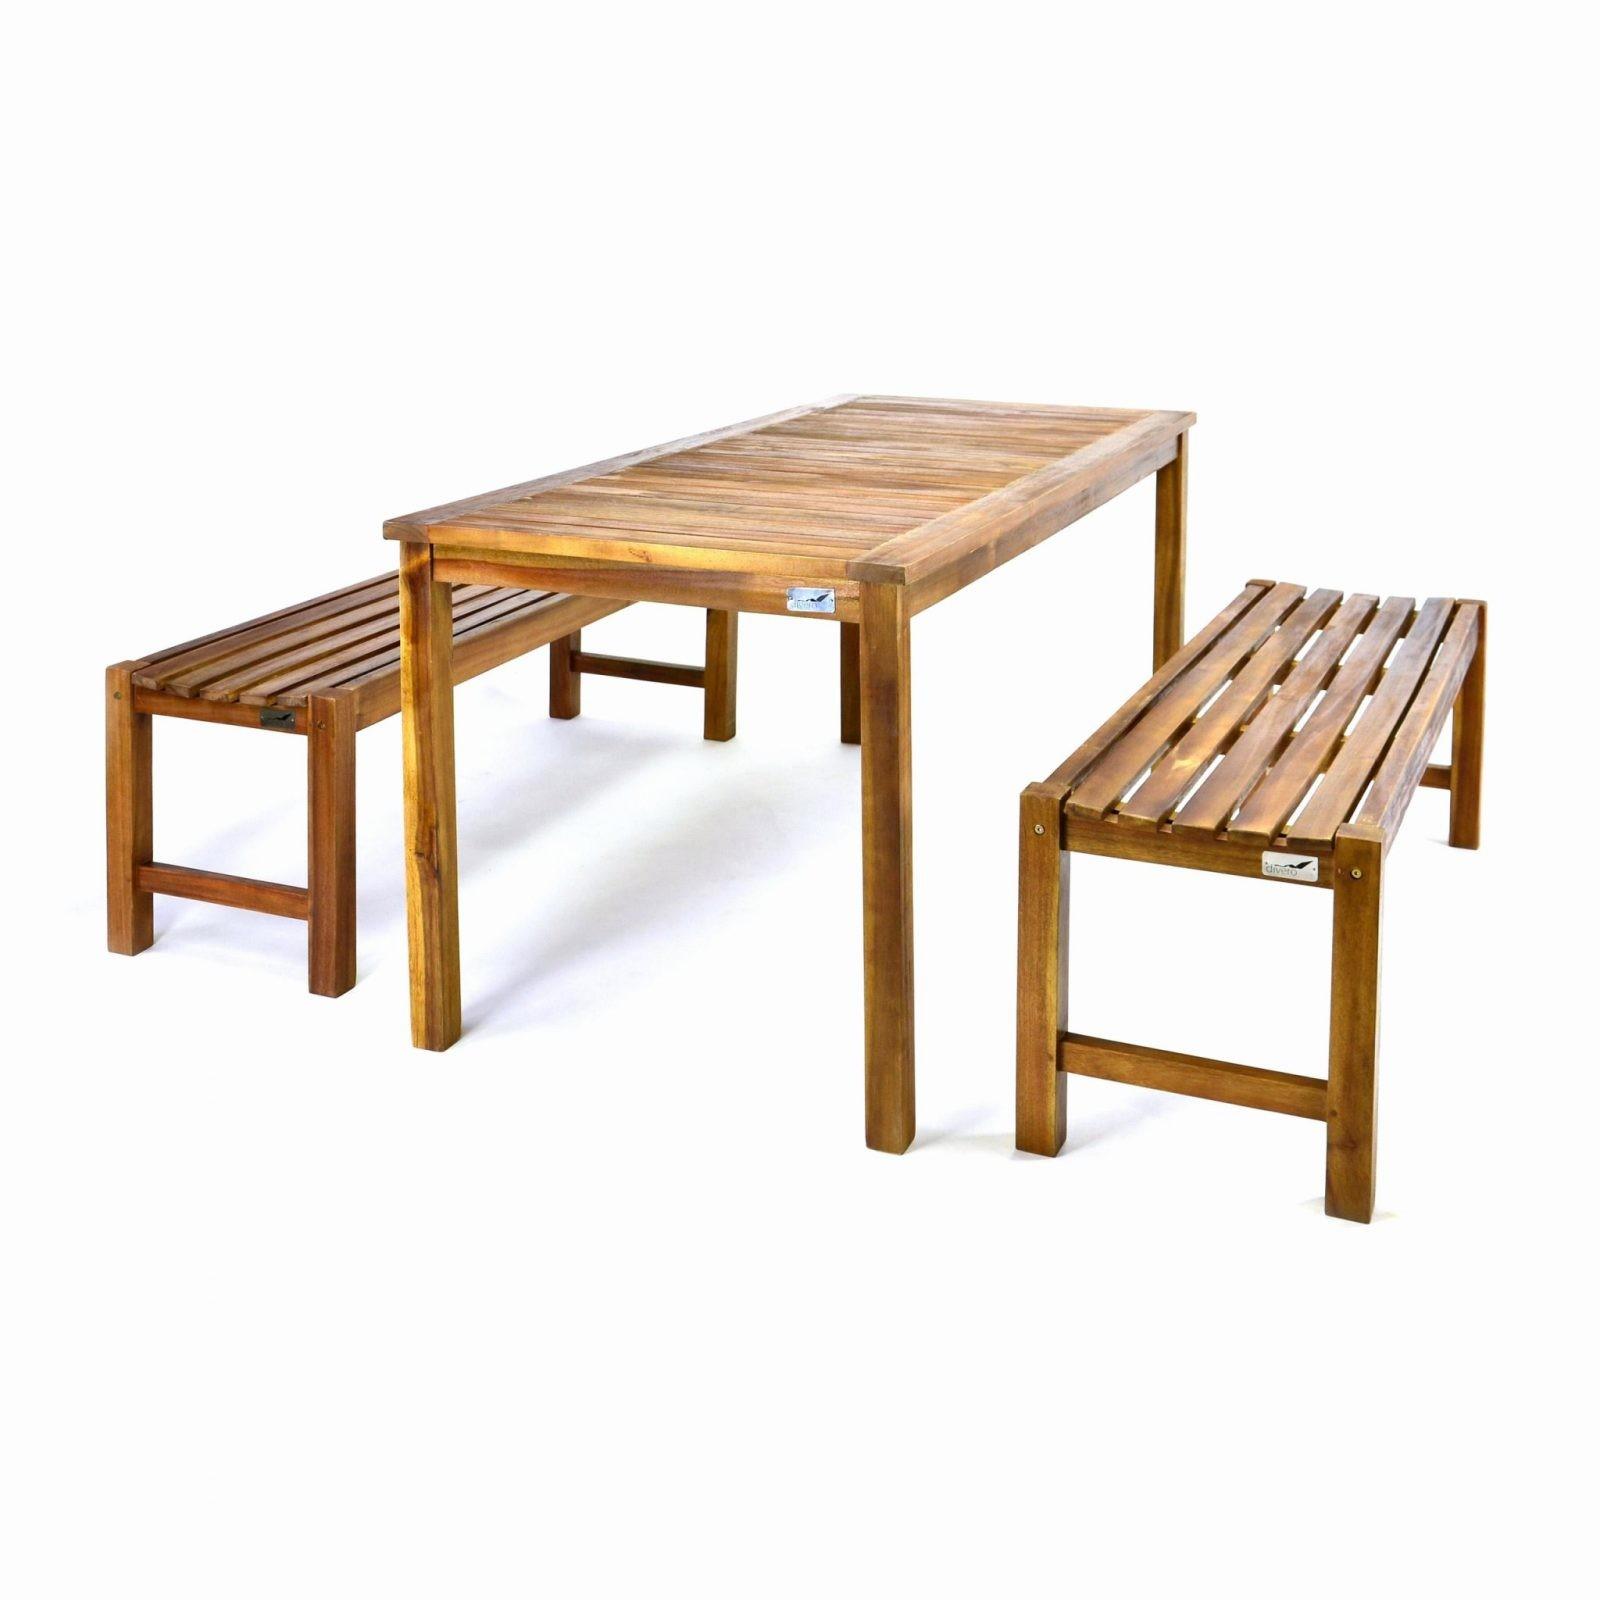 Tisch Bank Kombination Selber Bauen Neueste Fotos Esstisch Schwarz von Tisch Bank Kombination Bauanleitung Photo